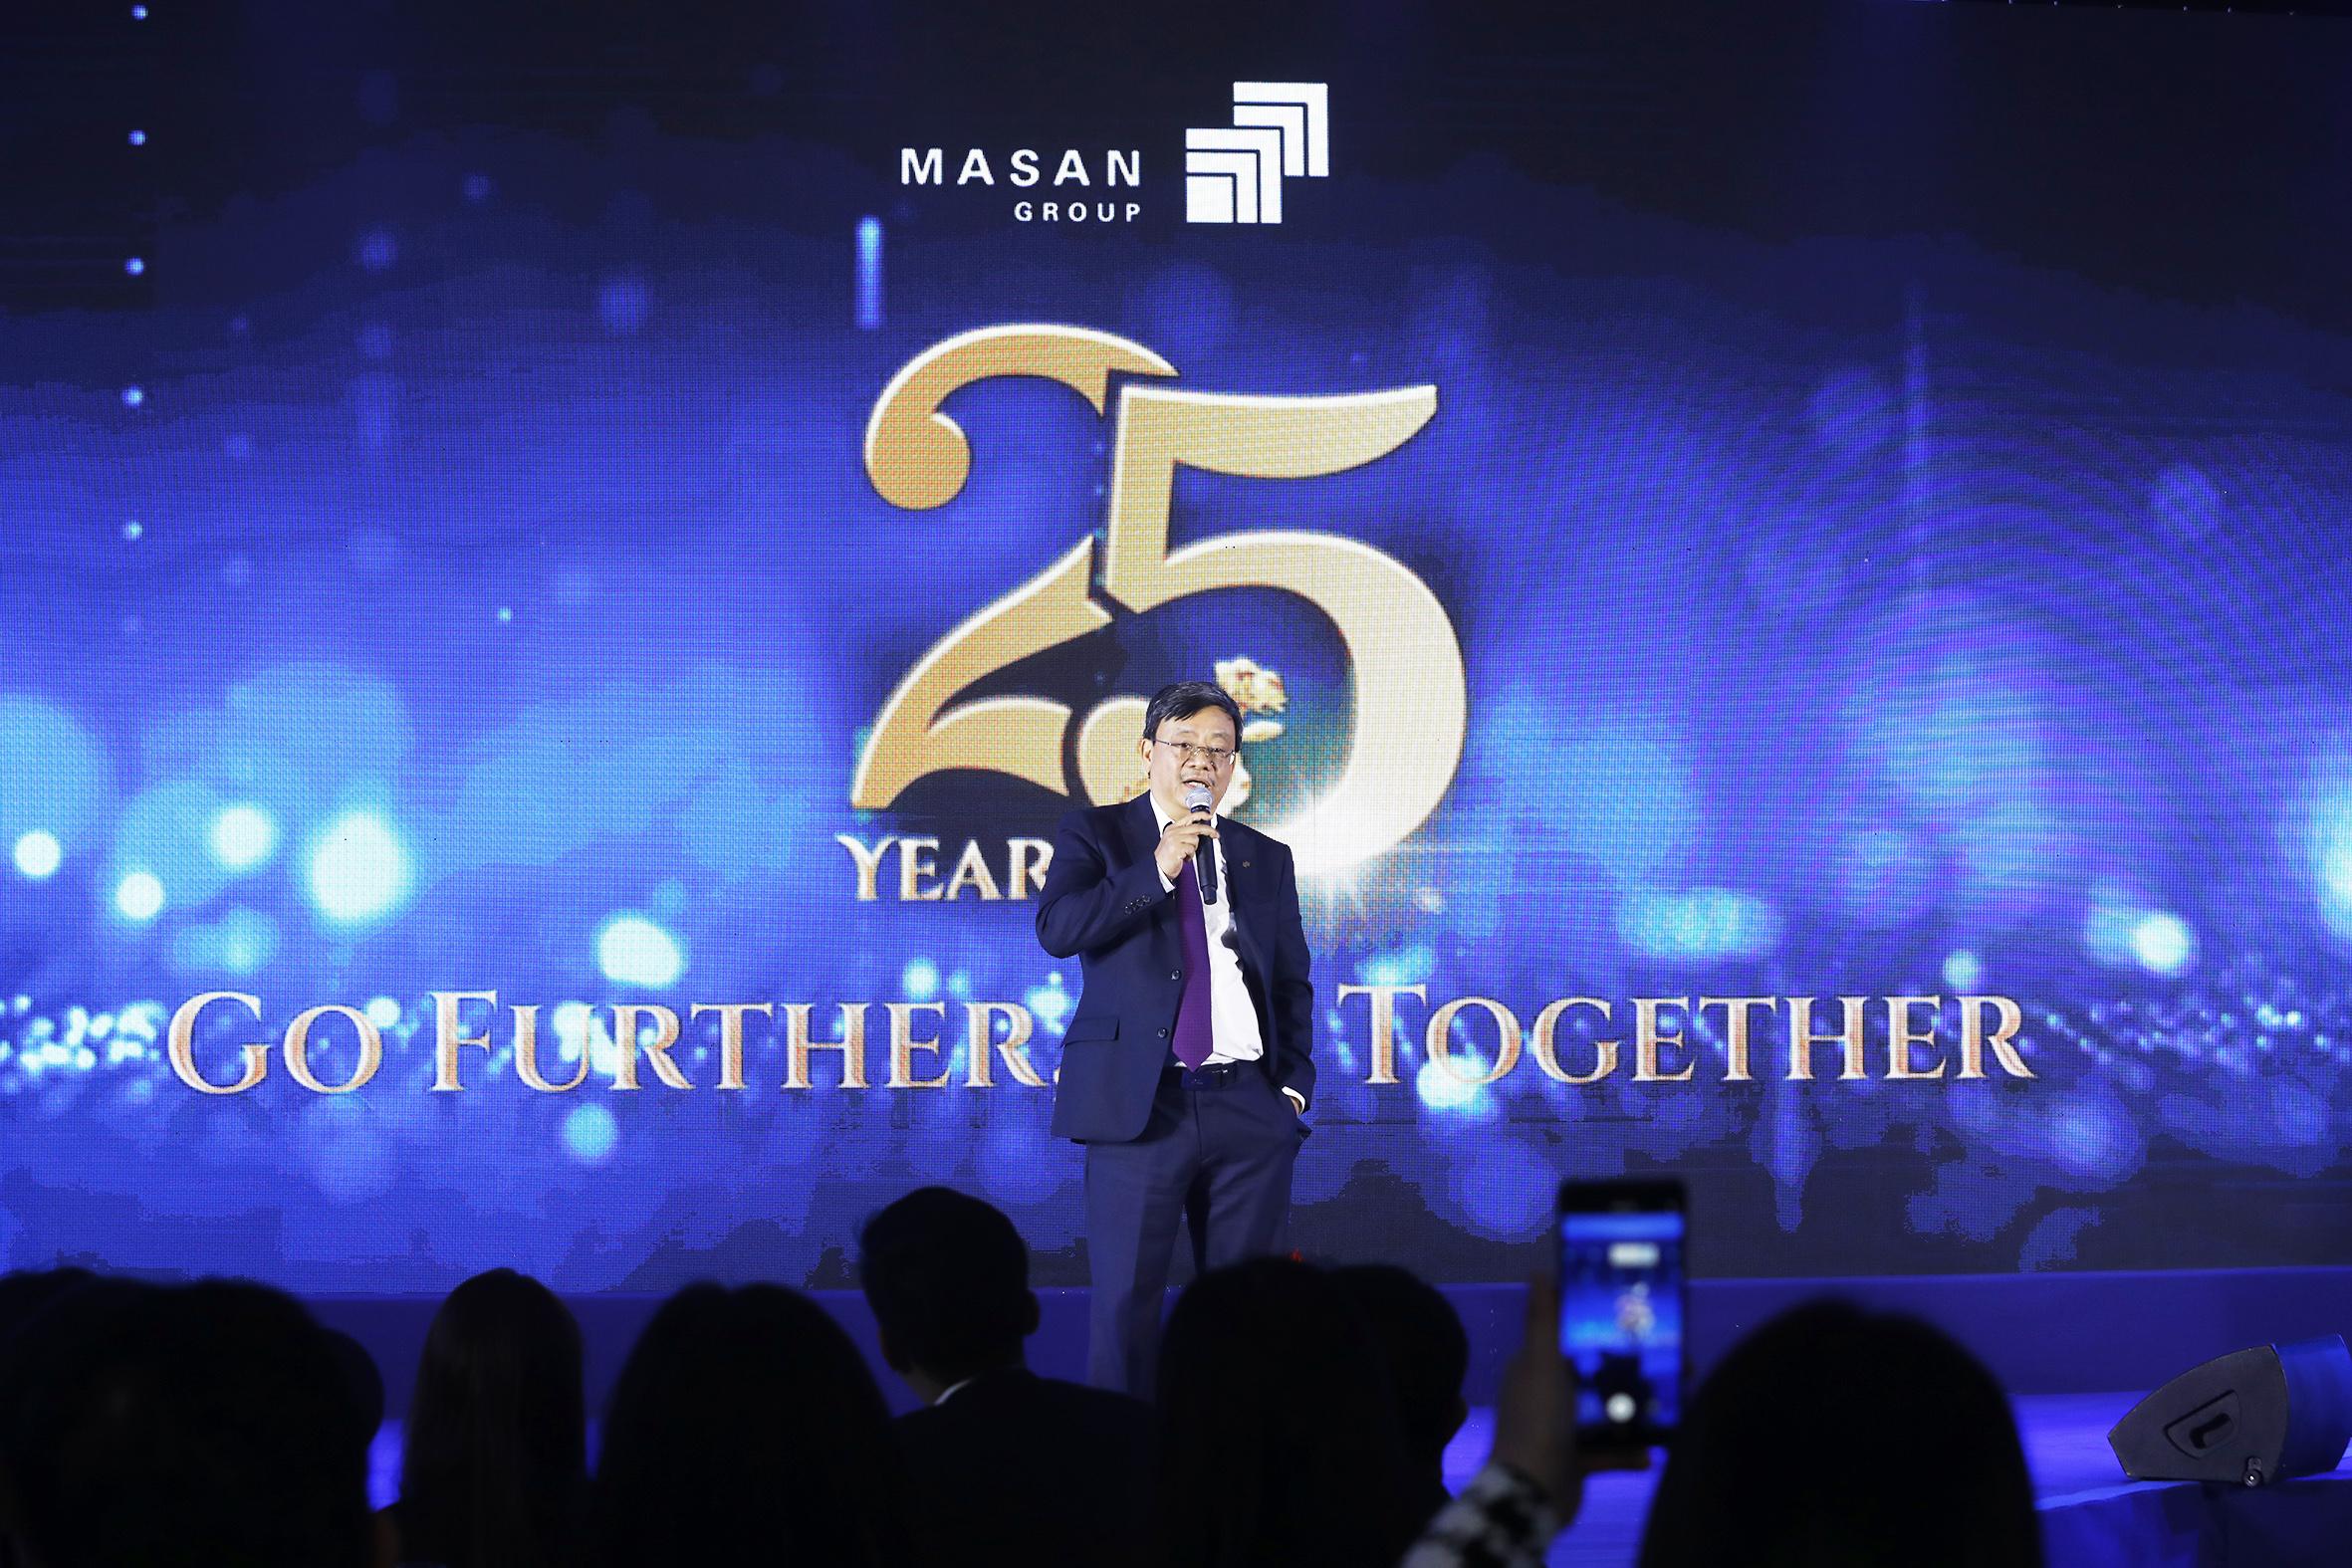 Ông Nguyễn Đăng Quang - Chủ tịch HĐQT Masan Group - chia sẻ tại Lễ kỷ niệm 25 năm thành lập.